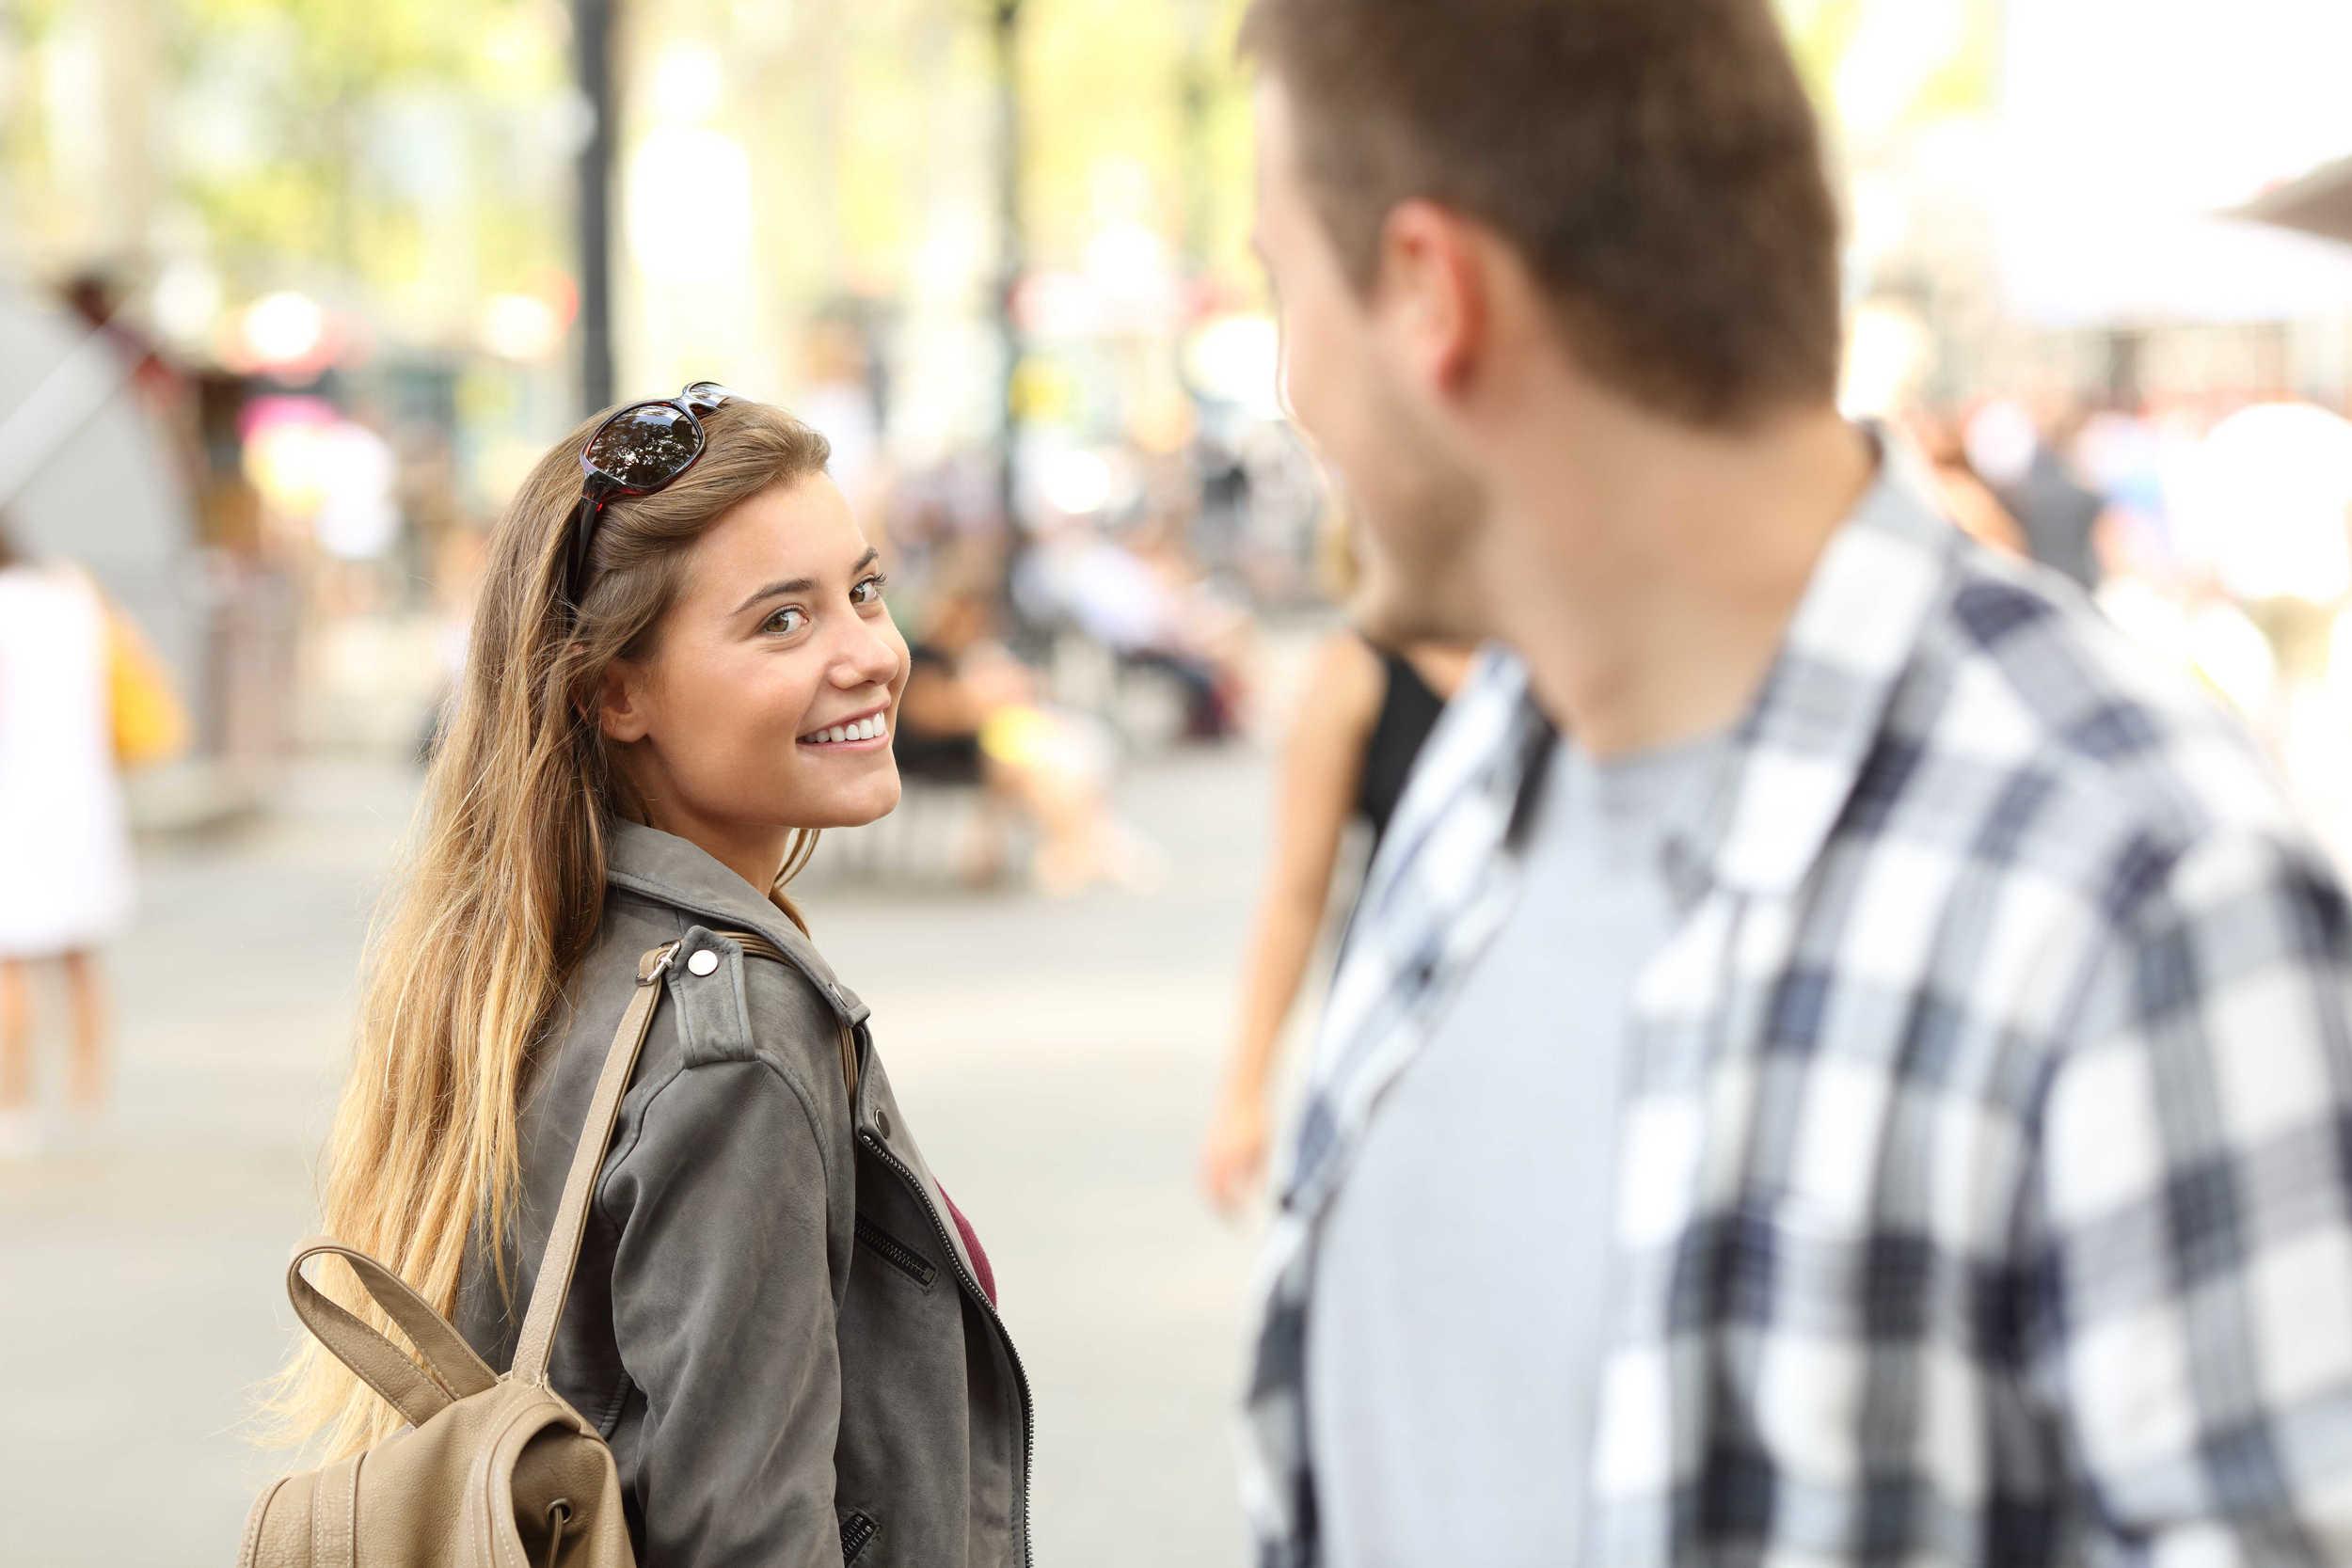 Une femme dans la rue regarde un homme. Elle semble l'attirer.